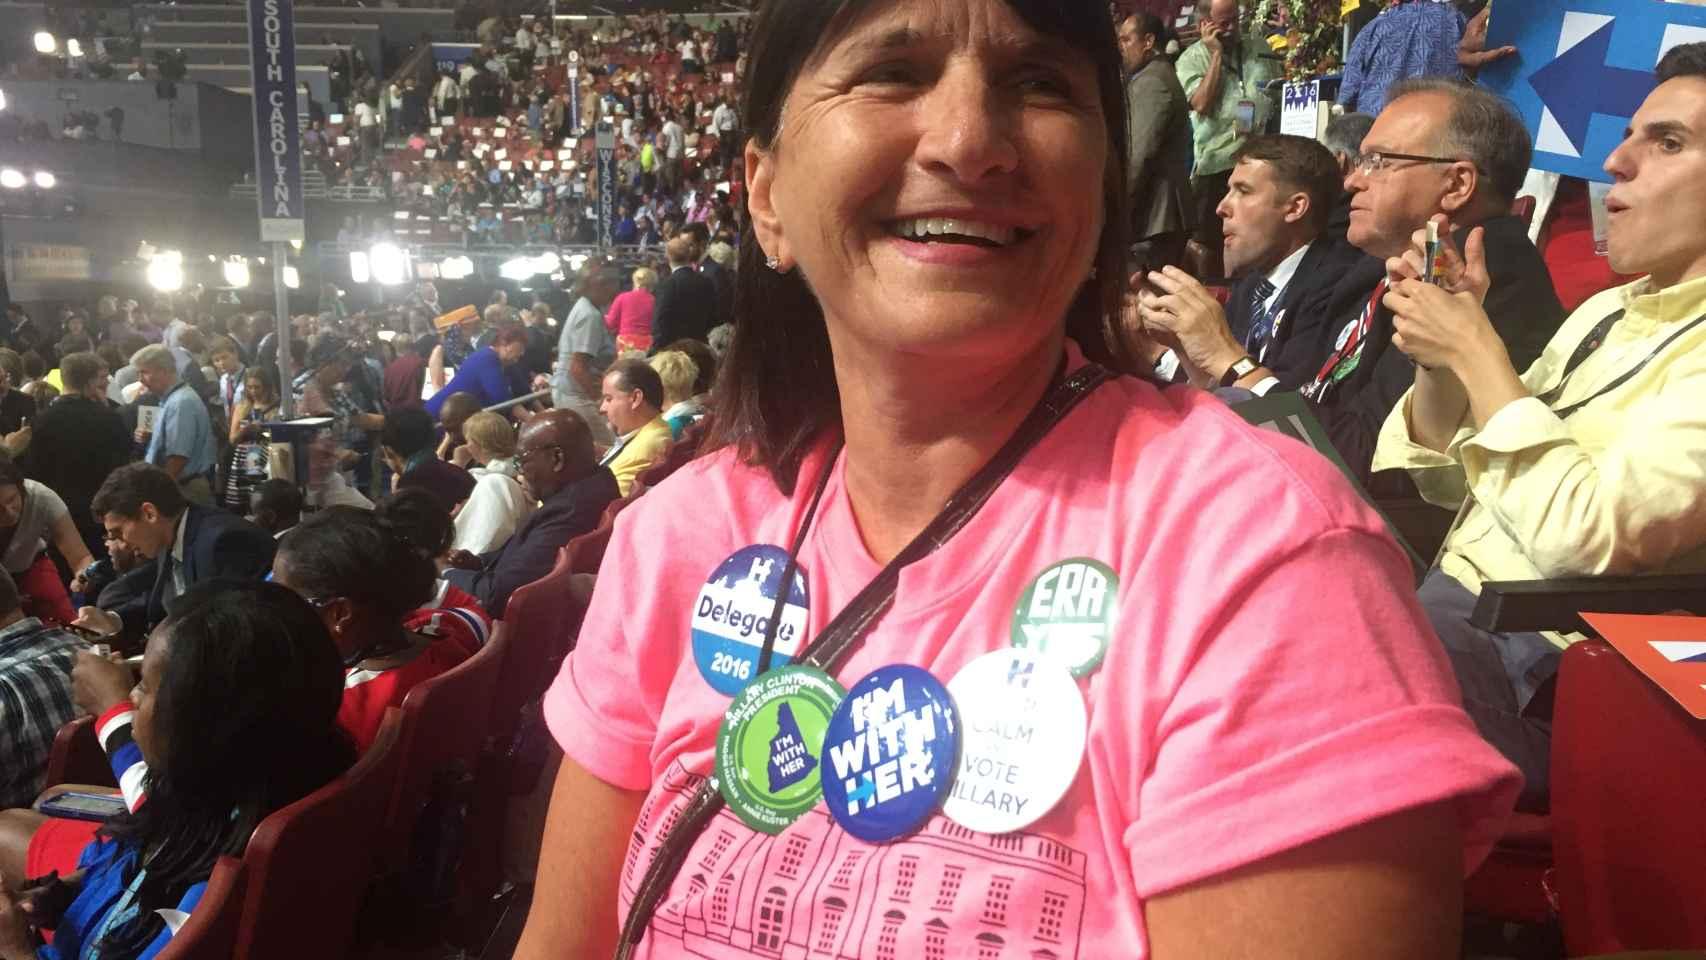 Joanne es escritora y editora en Nuevo Hampshire